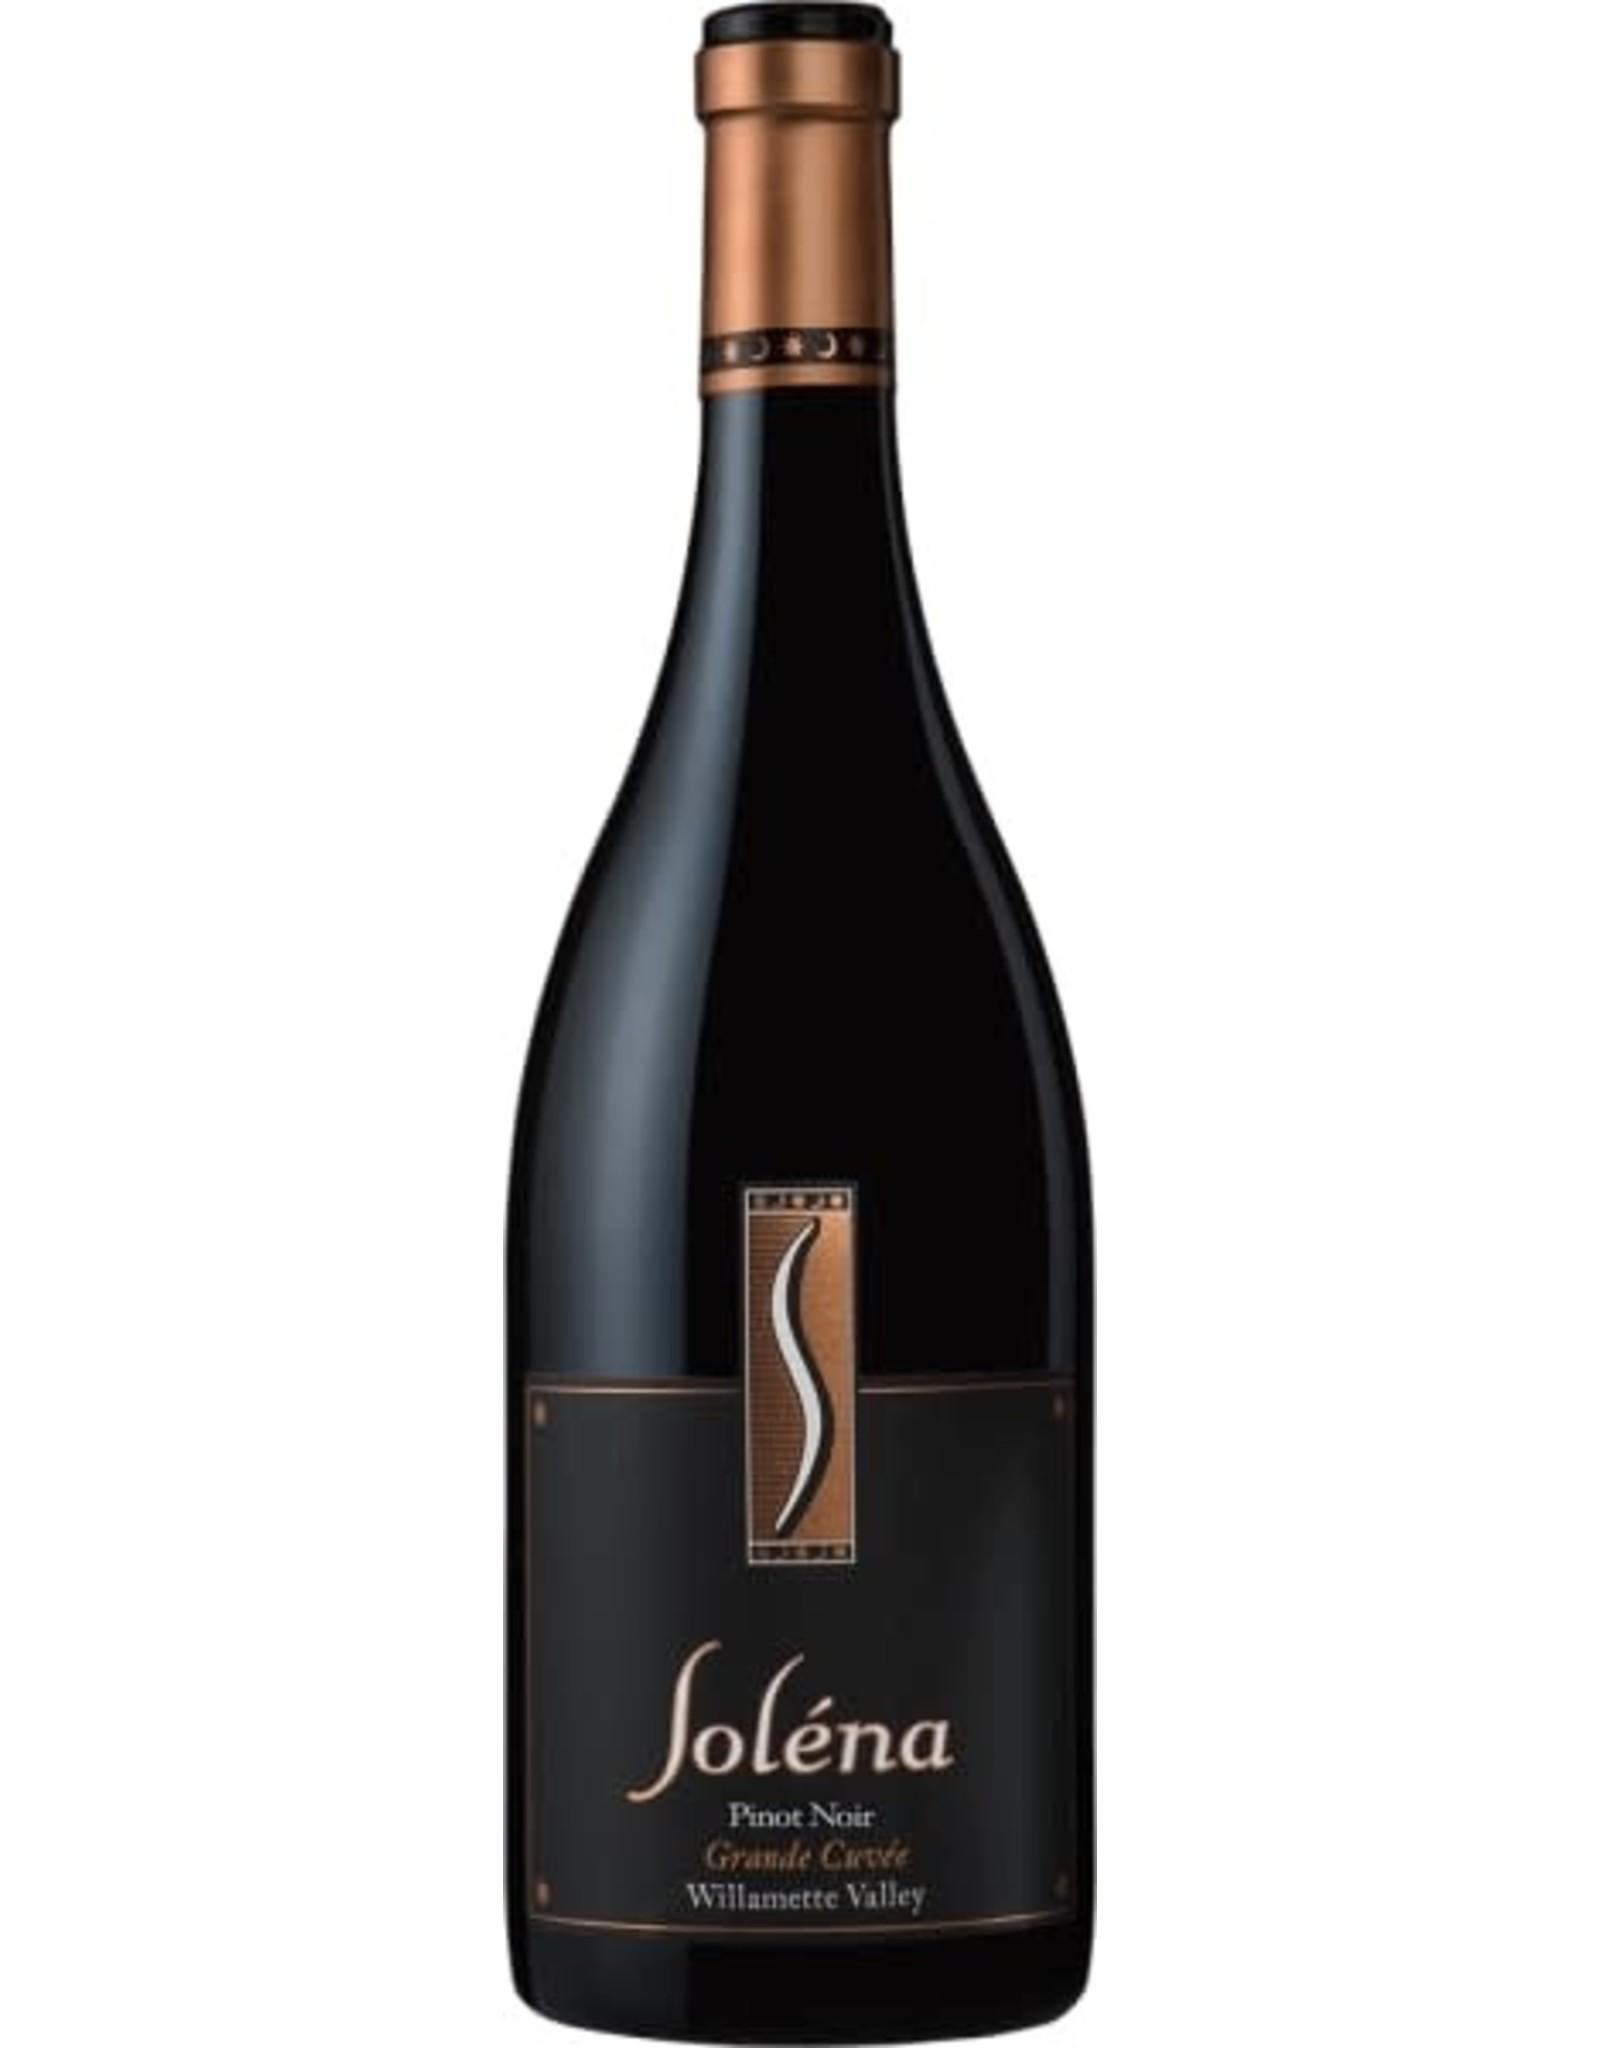 Solena Estate Solena Pinot Noir 'Grand Cuvee' (2018)